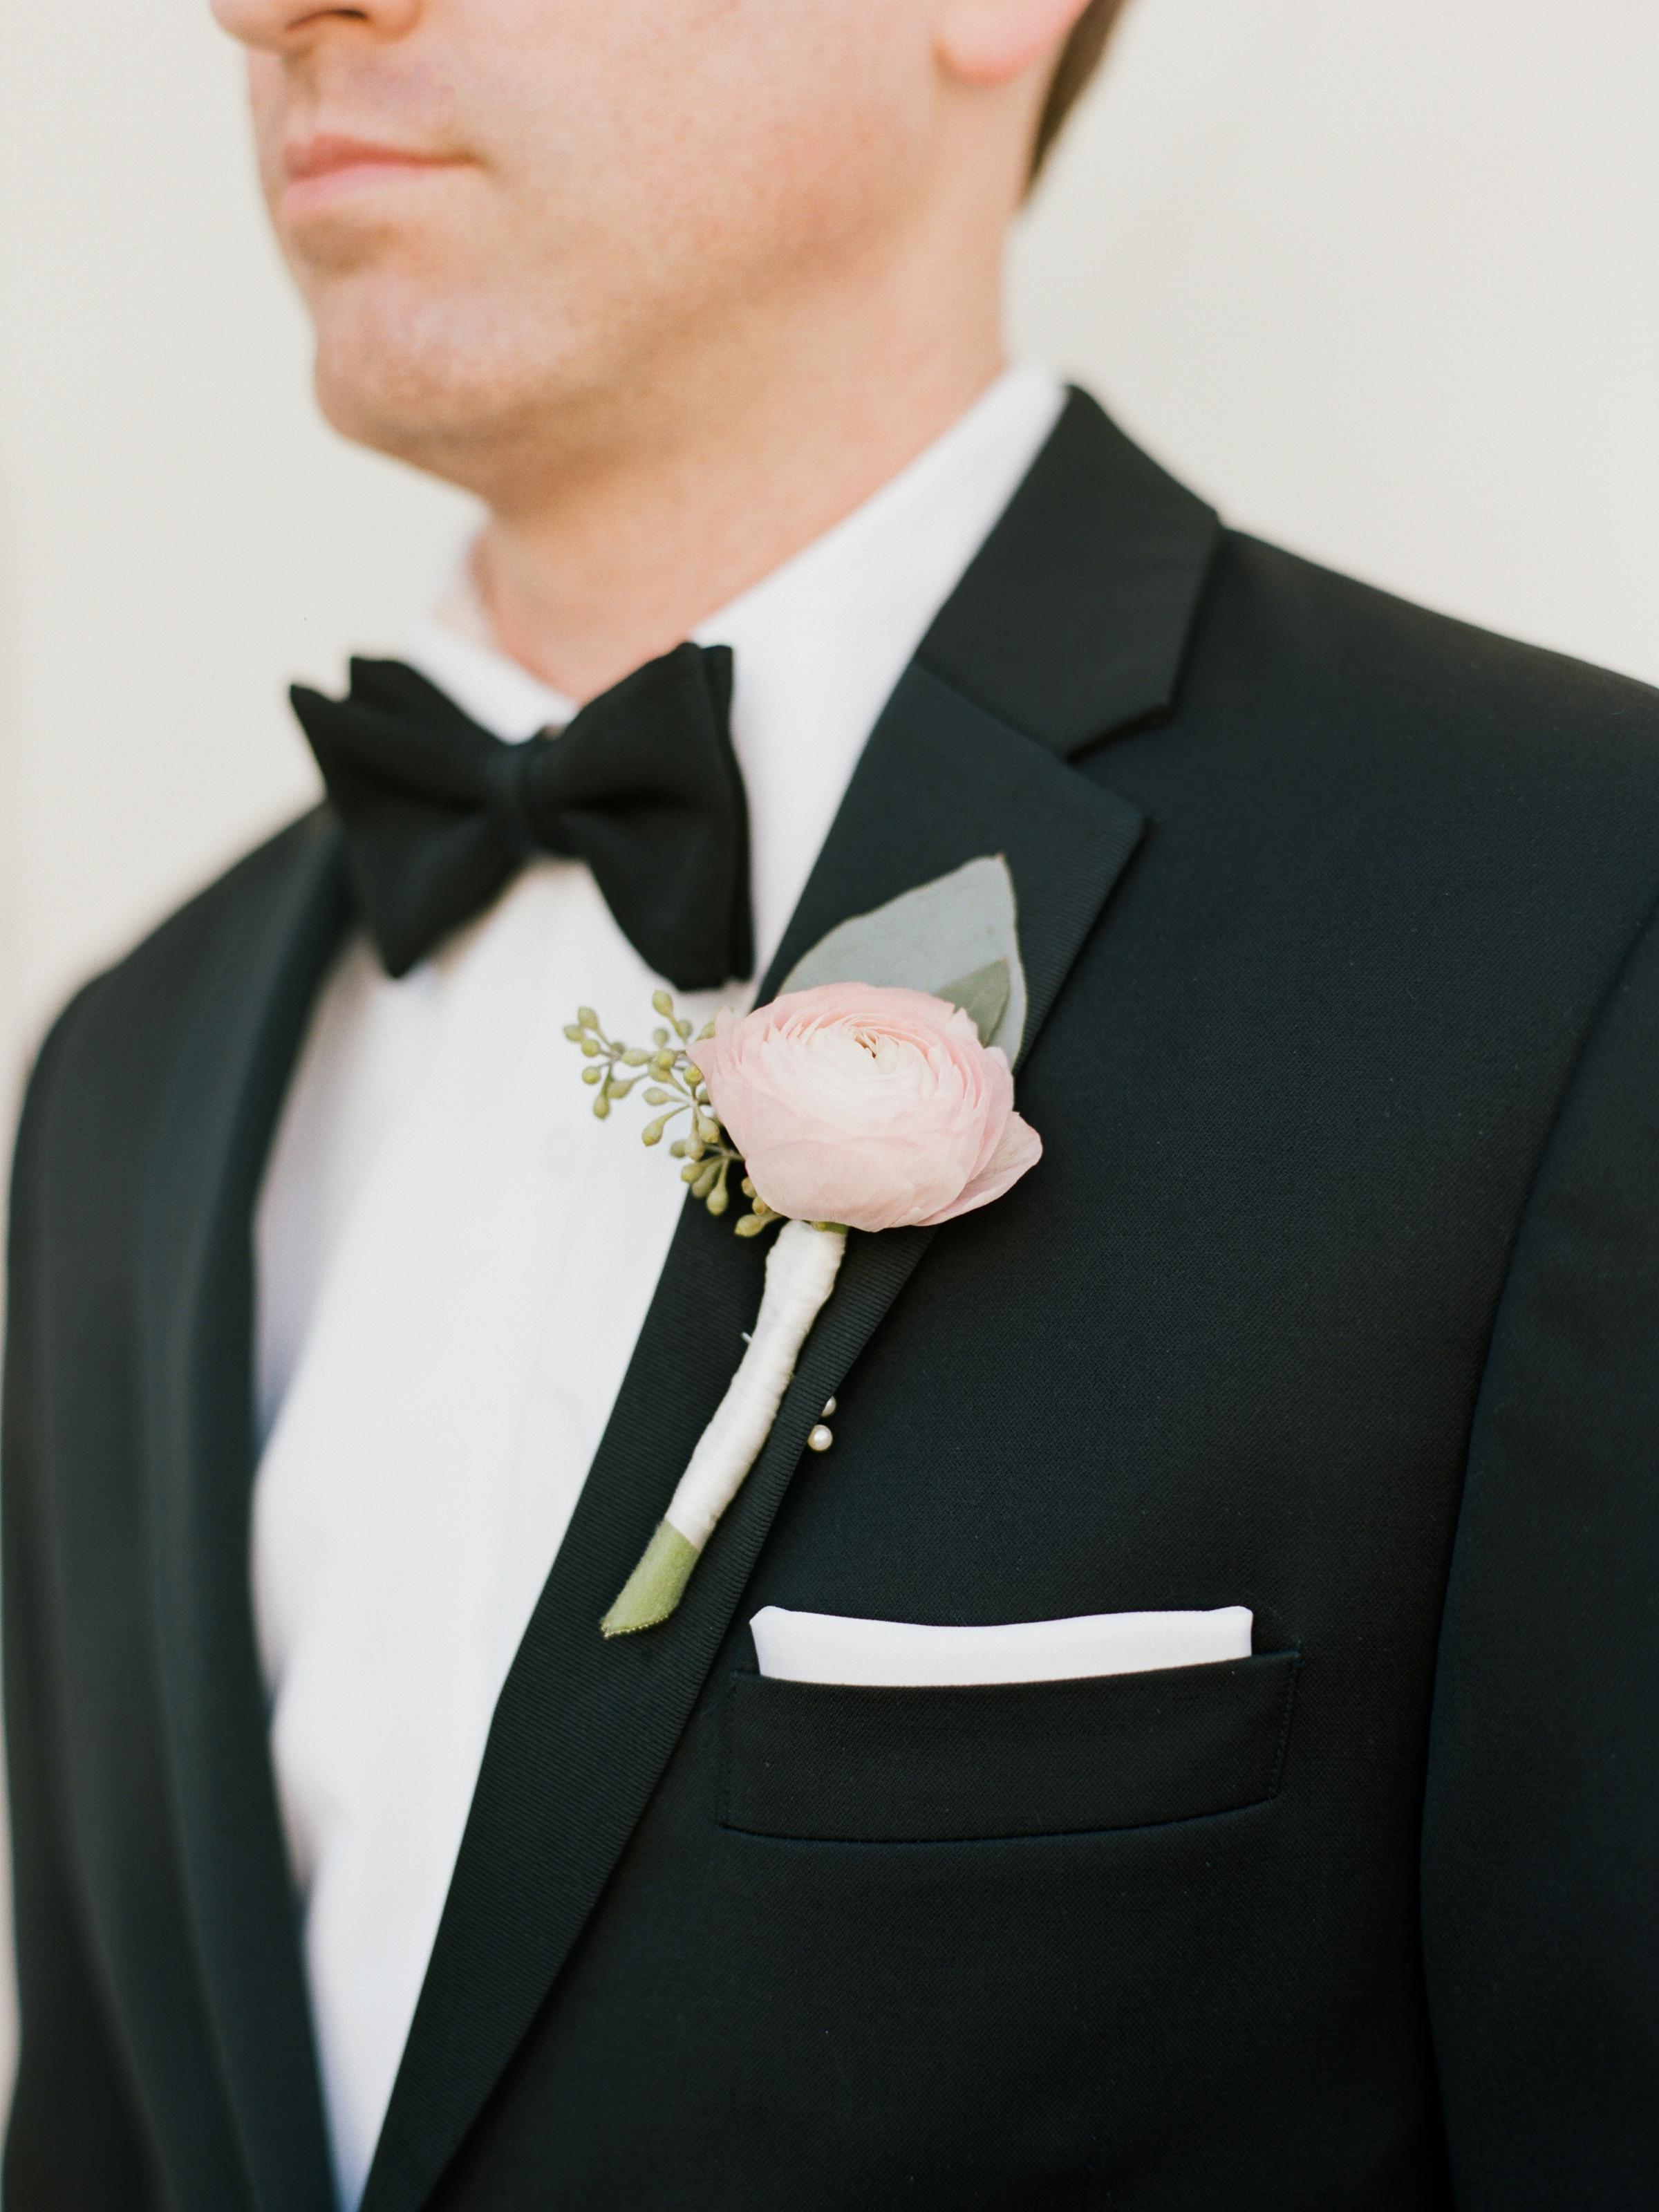 rosemary_beach_wedding_photographer_shannon_griffin_0018.jpg